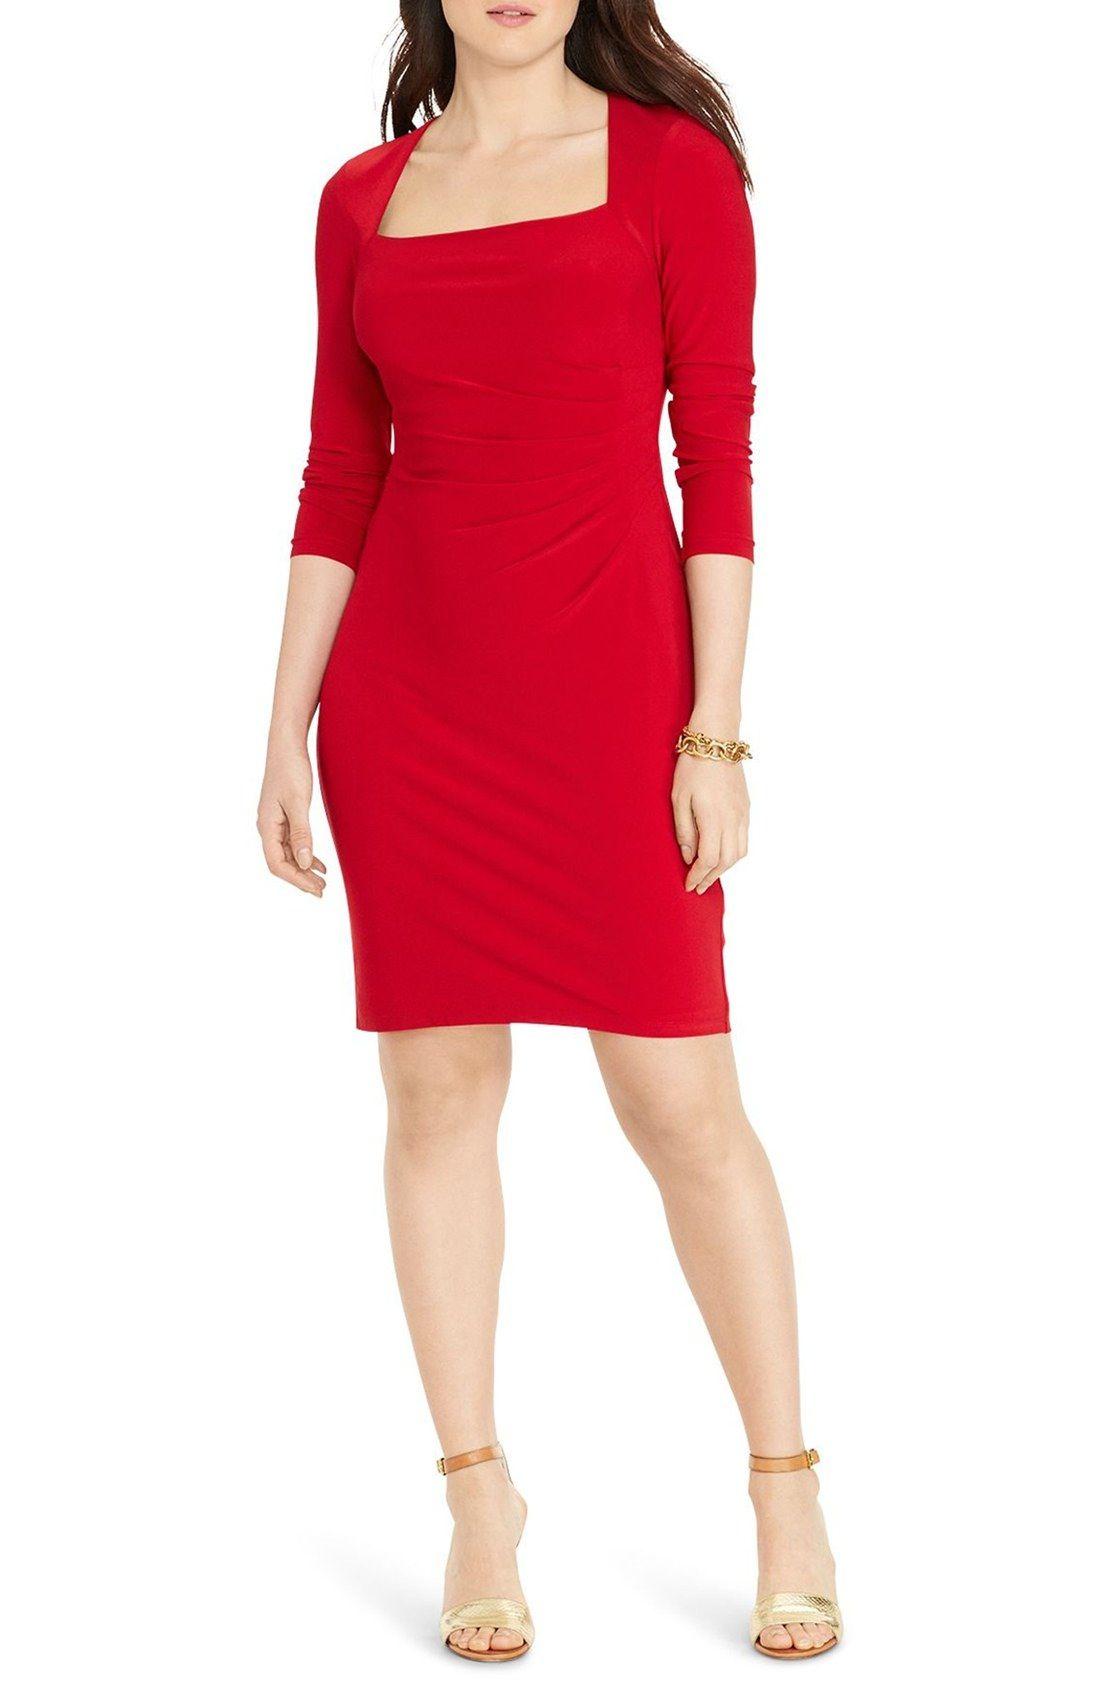 Lauren ralph lauren square neck jersey sheath dress plus size